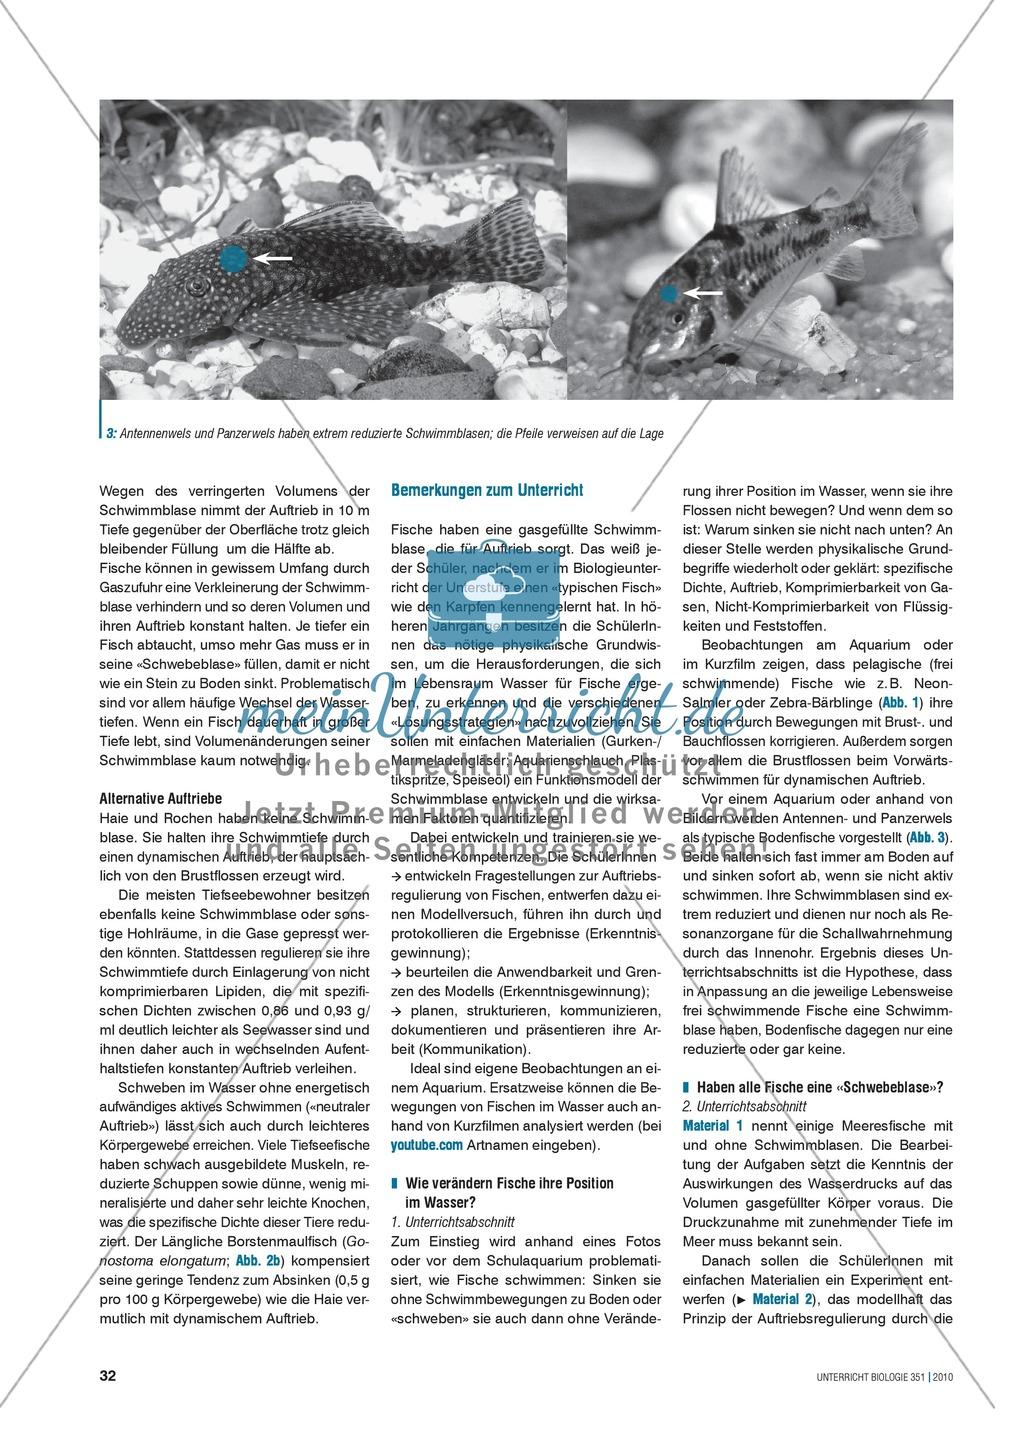 Die Funktionsweise der Schwimmblase im Modell erkunden und verstehen: Preview 1